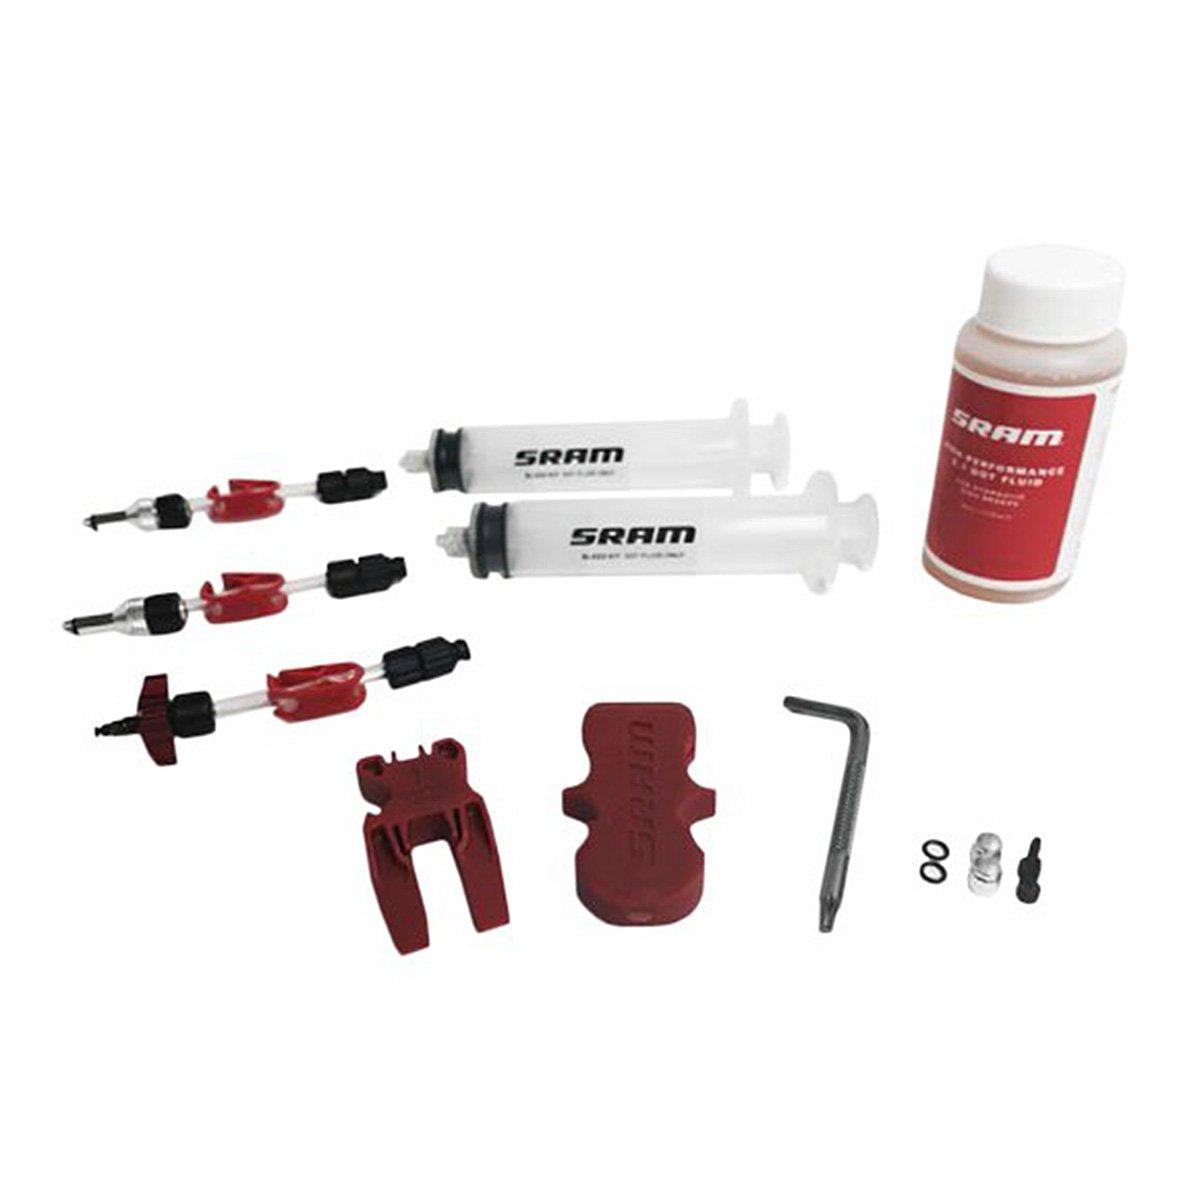 SRAM Dot 5.1 Bicycle Brake Bleed Kit